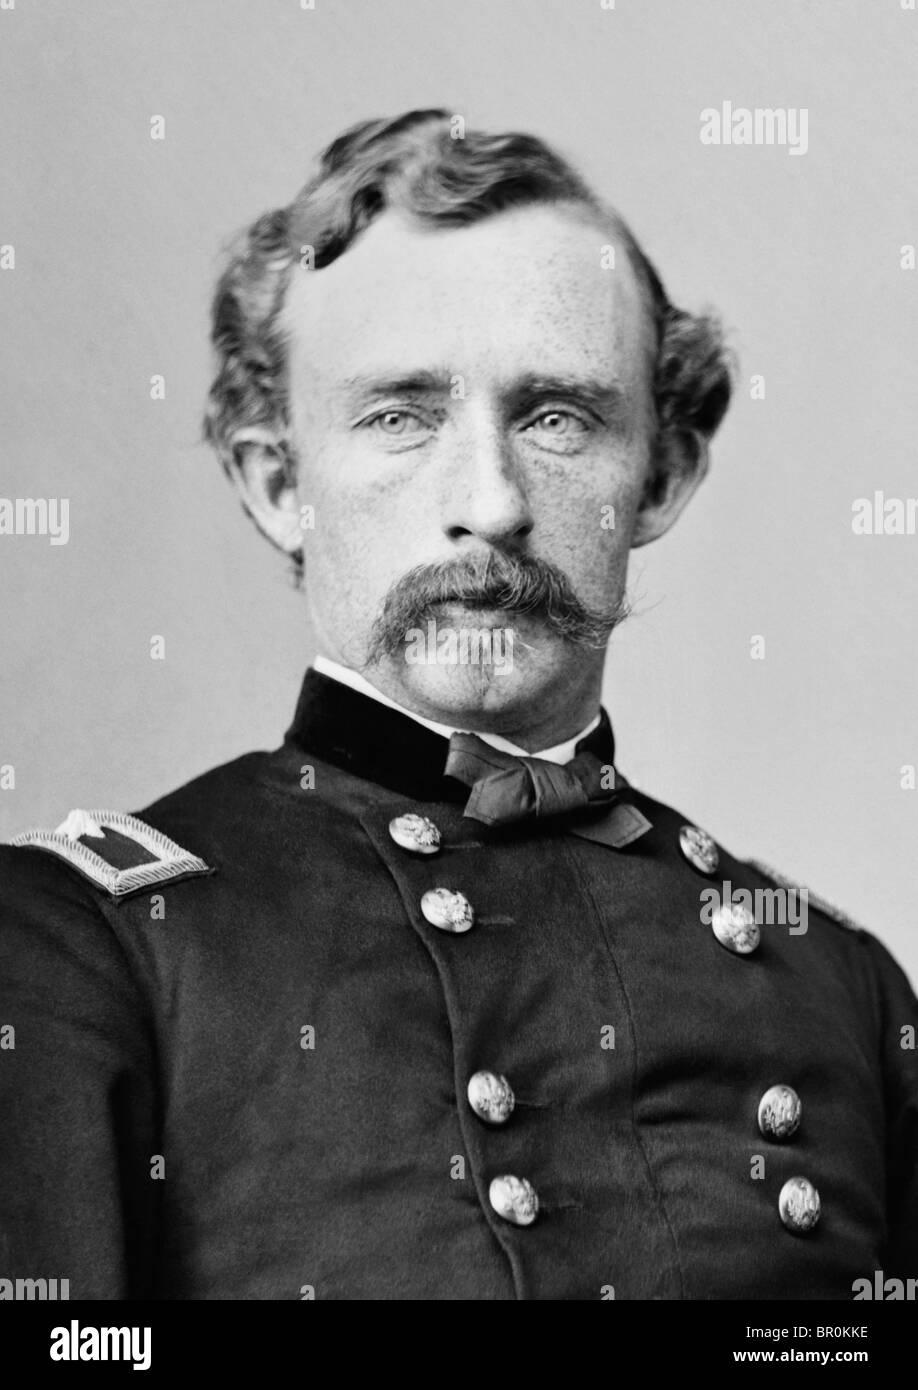 general custer video Custer a divisé son bataillon en deux ailes : l'aile gauche, sous son commandement, comprend les compagnies e et f, qui devront aller reconnaître le gué au bas.